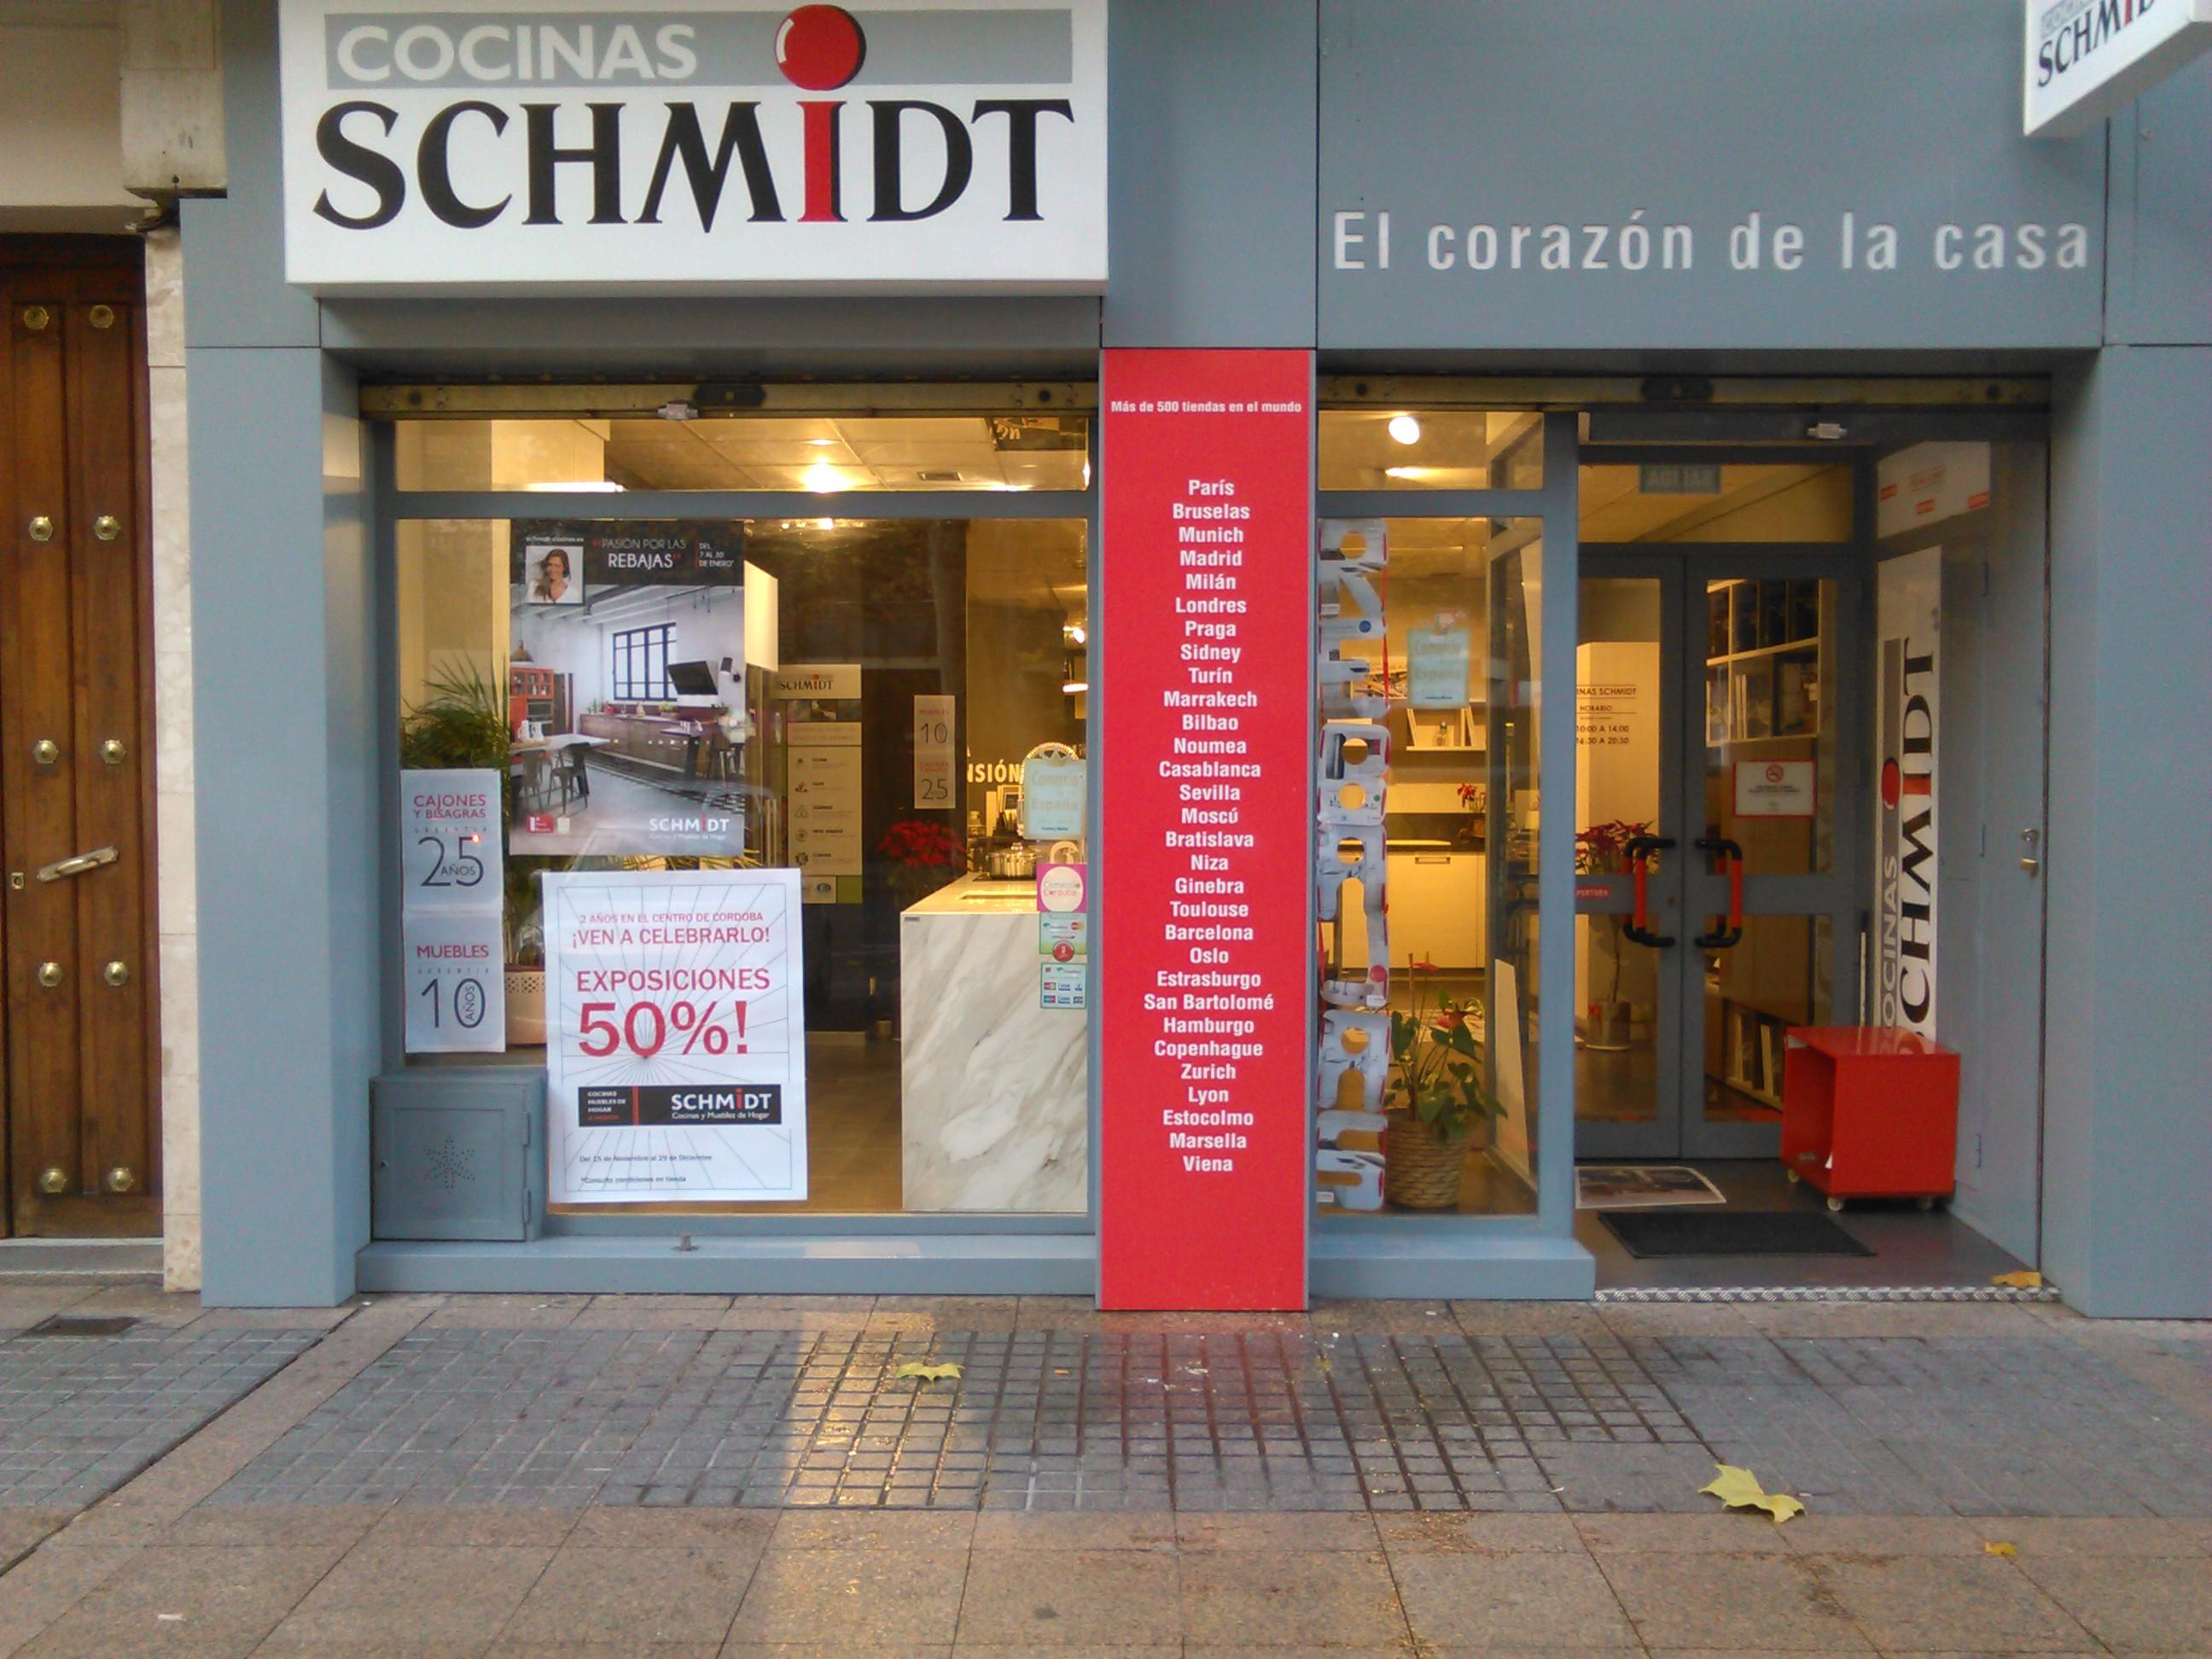 SCHMIDT Córdoba